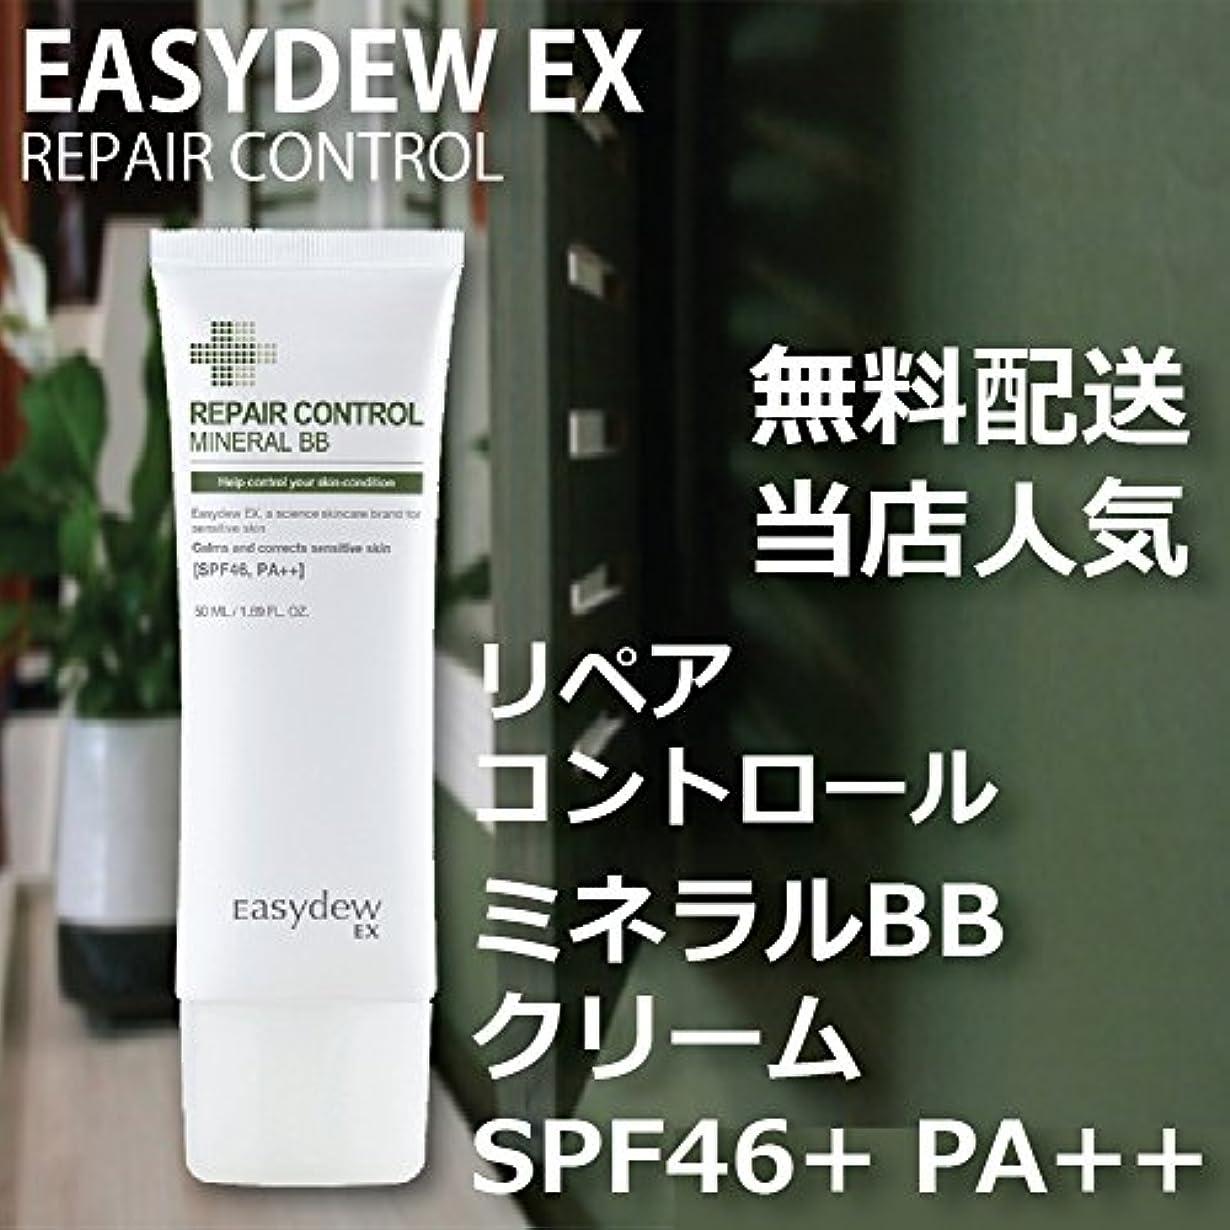 軽食ブリードホストEASY DEW EX ミネラル BBクリーム SPF46+ PA++ 50ml MINRAL BB CREAM 韓国 人気 コスメ イージーデュー 敏感 乾燥 美白 しわ 3重機能性